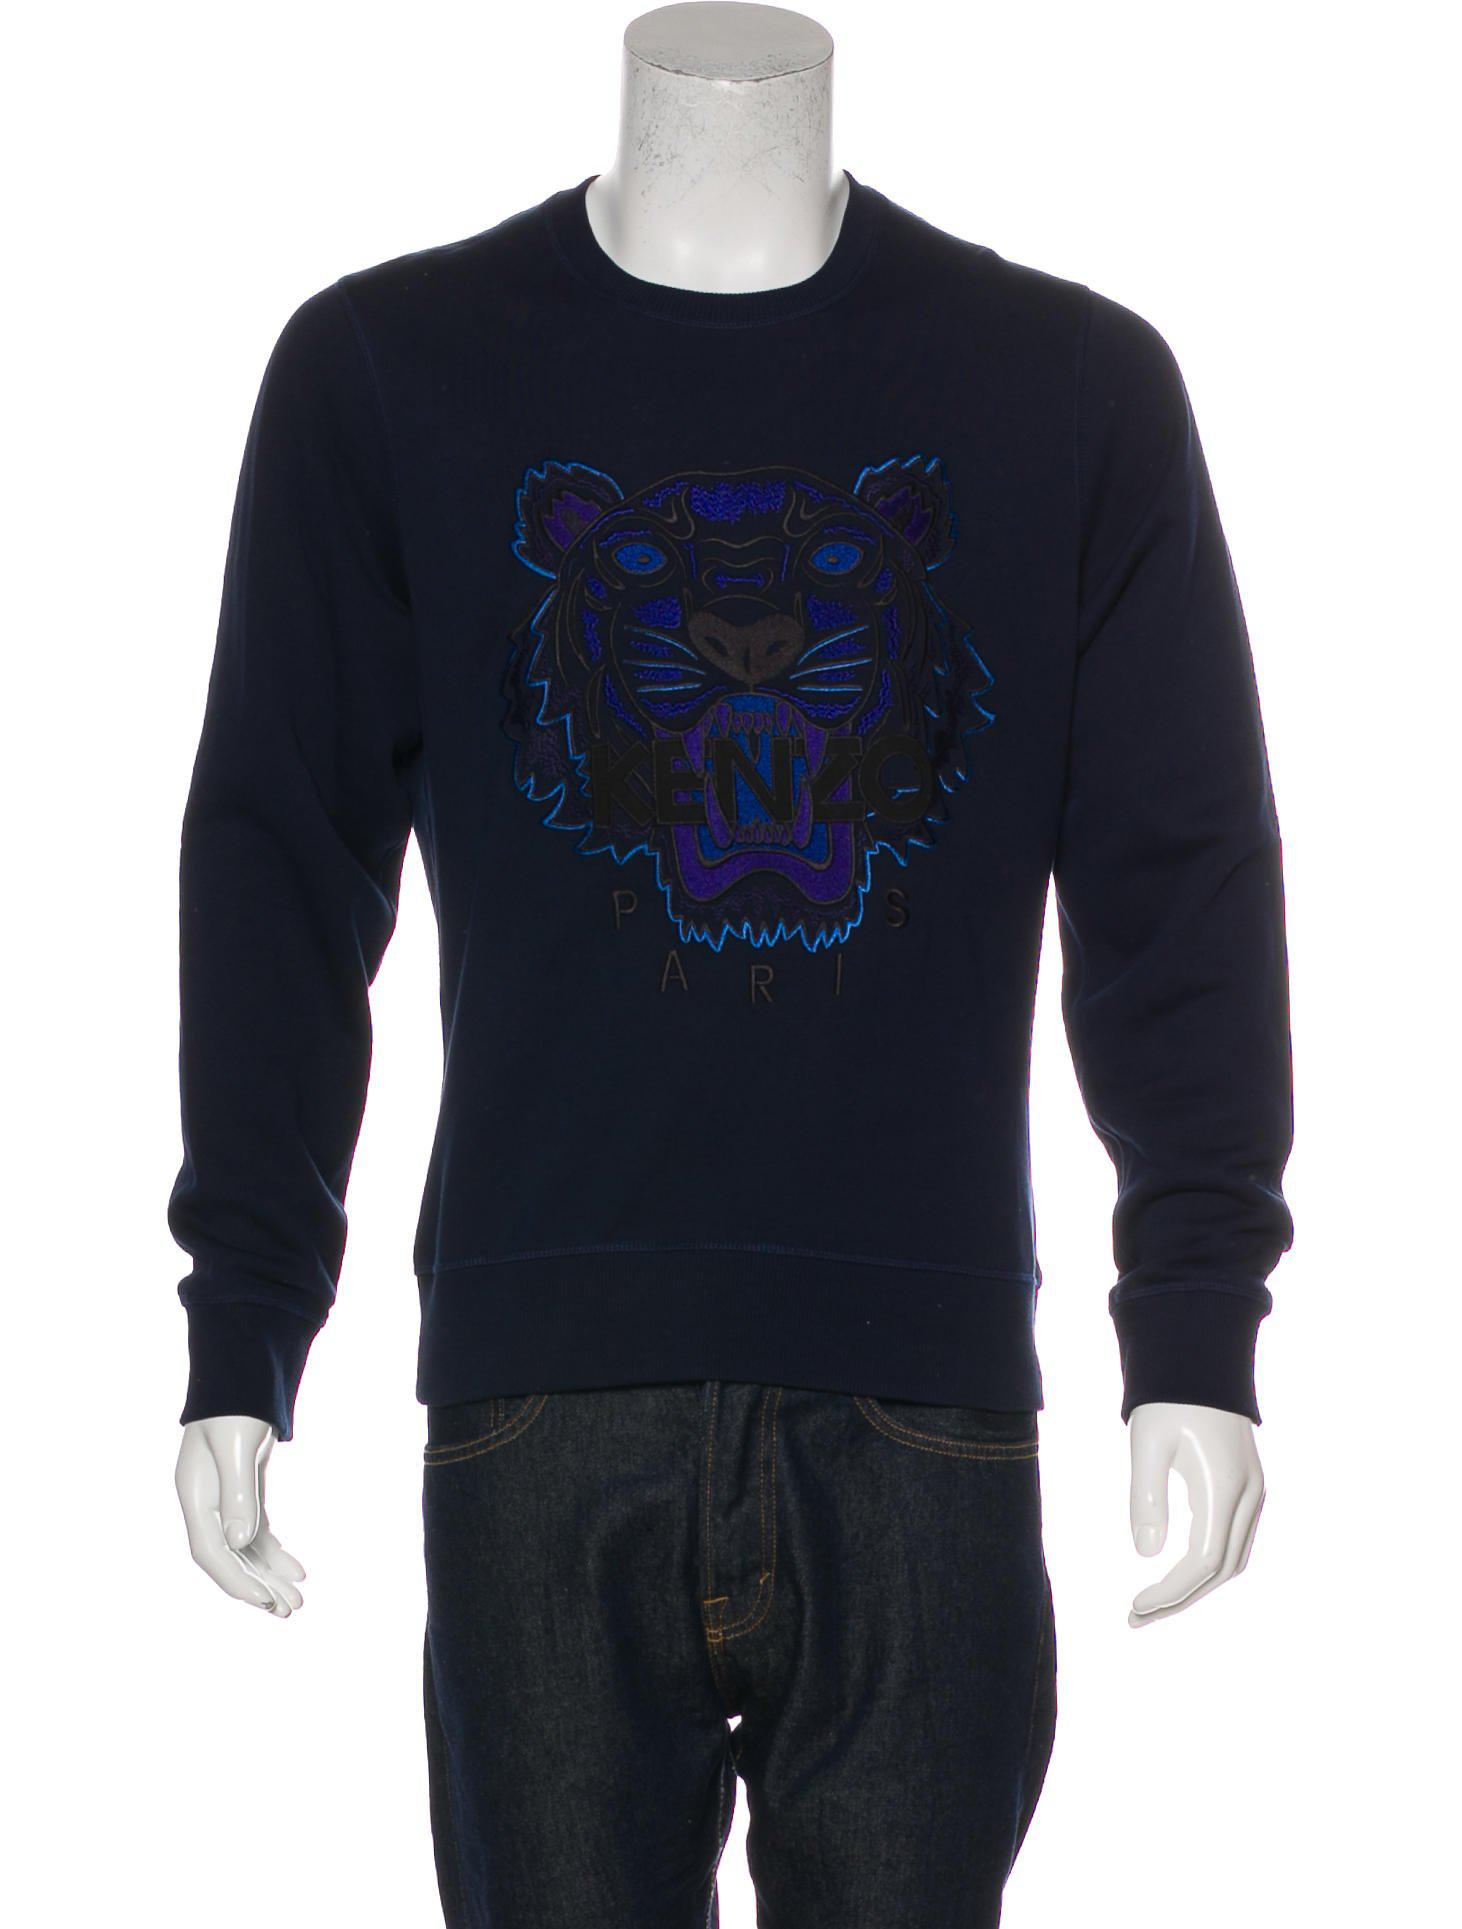 334af904eb1 Lyst - Kenzo Tiger Logo Embroidered Sweatshirt in Blue for Men